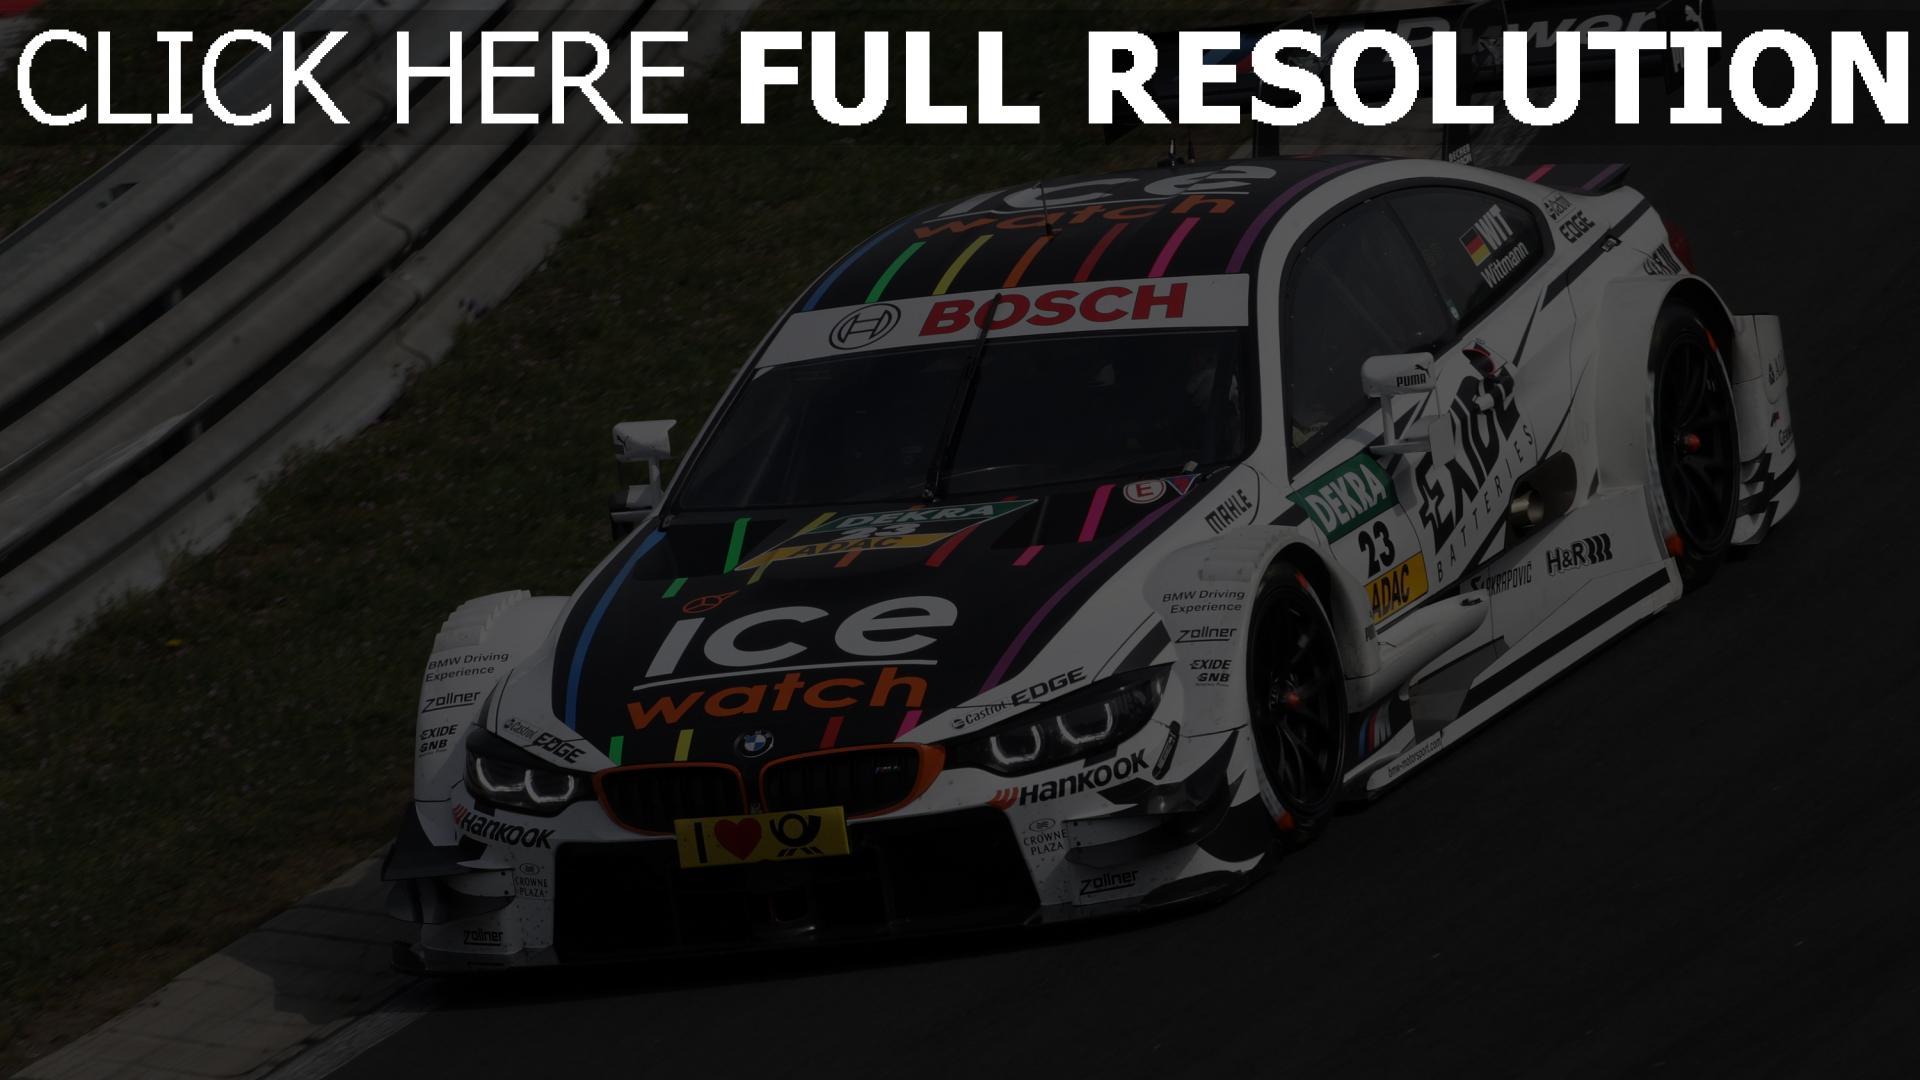 Hd Hintergrundbilder Auto Bmv M4 Dtm Motorsport Desktop Hintergrund